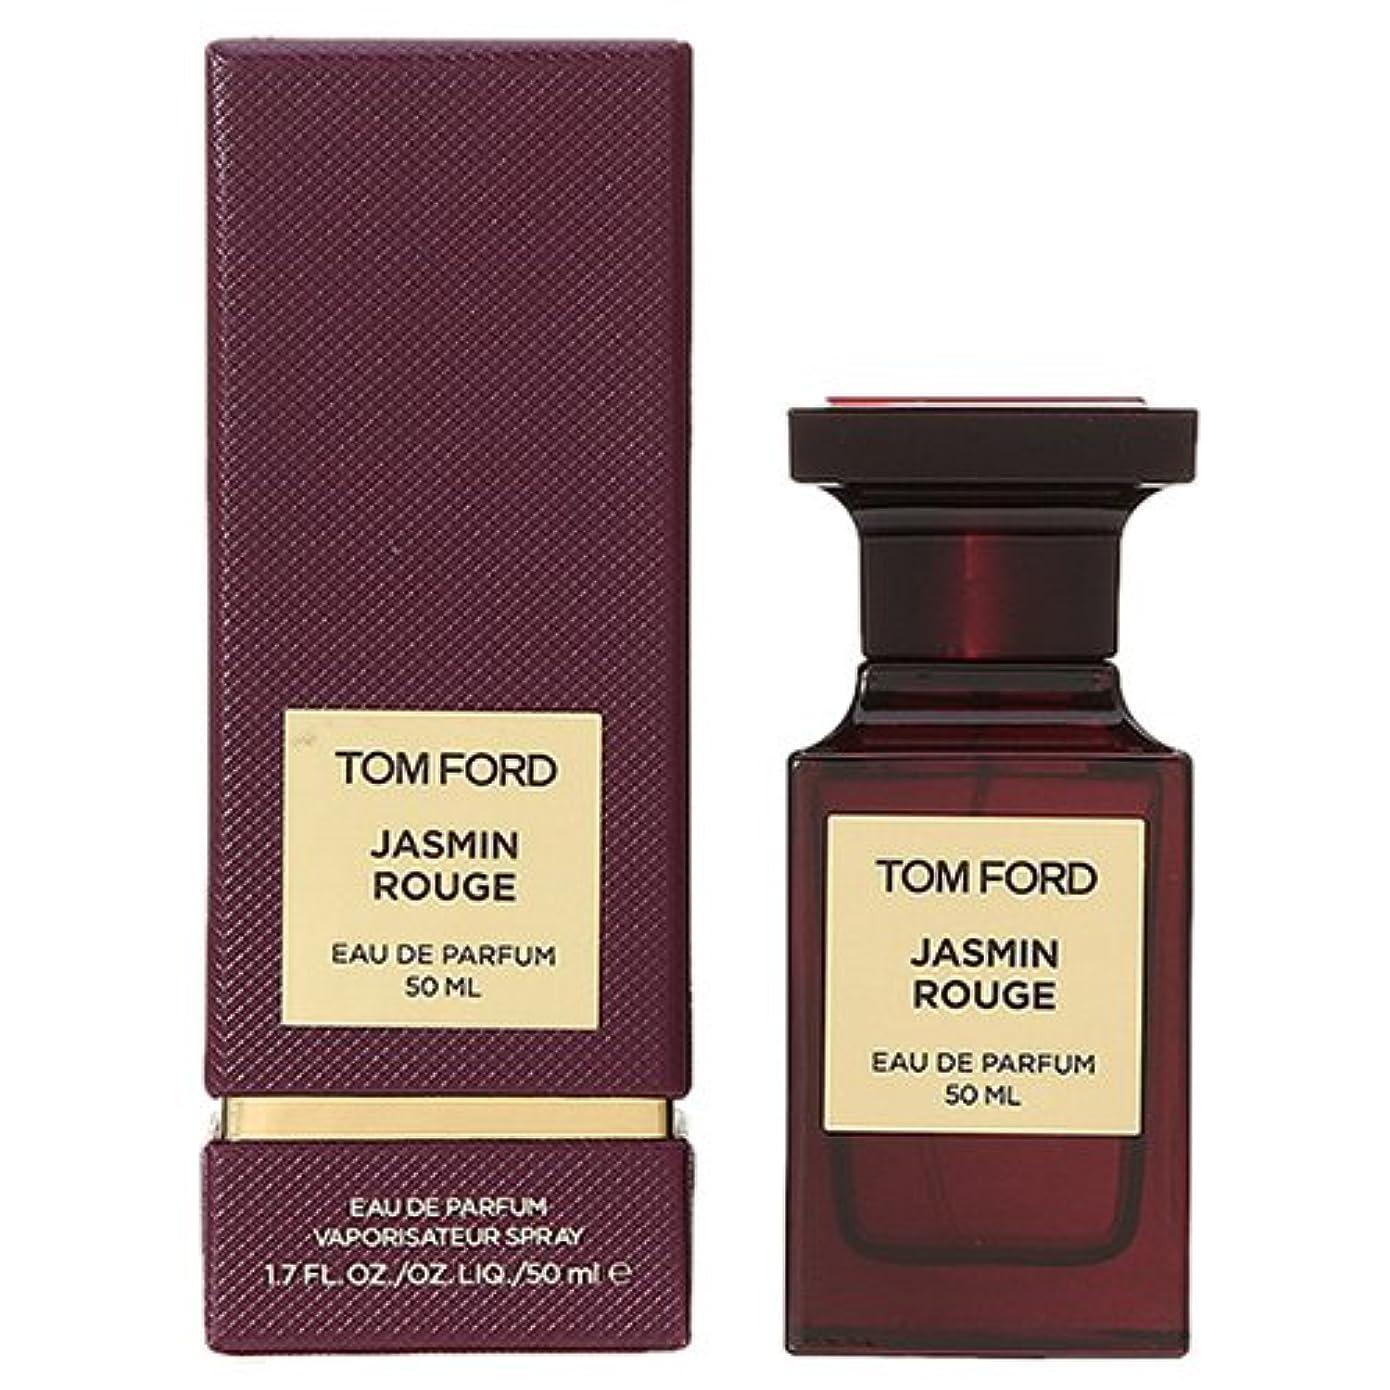 旅客記者うつトム フォード TOM FORD ジャスミン ルージュ オードパルファム EDP SP 50ml